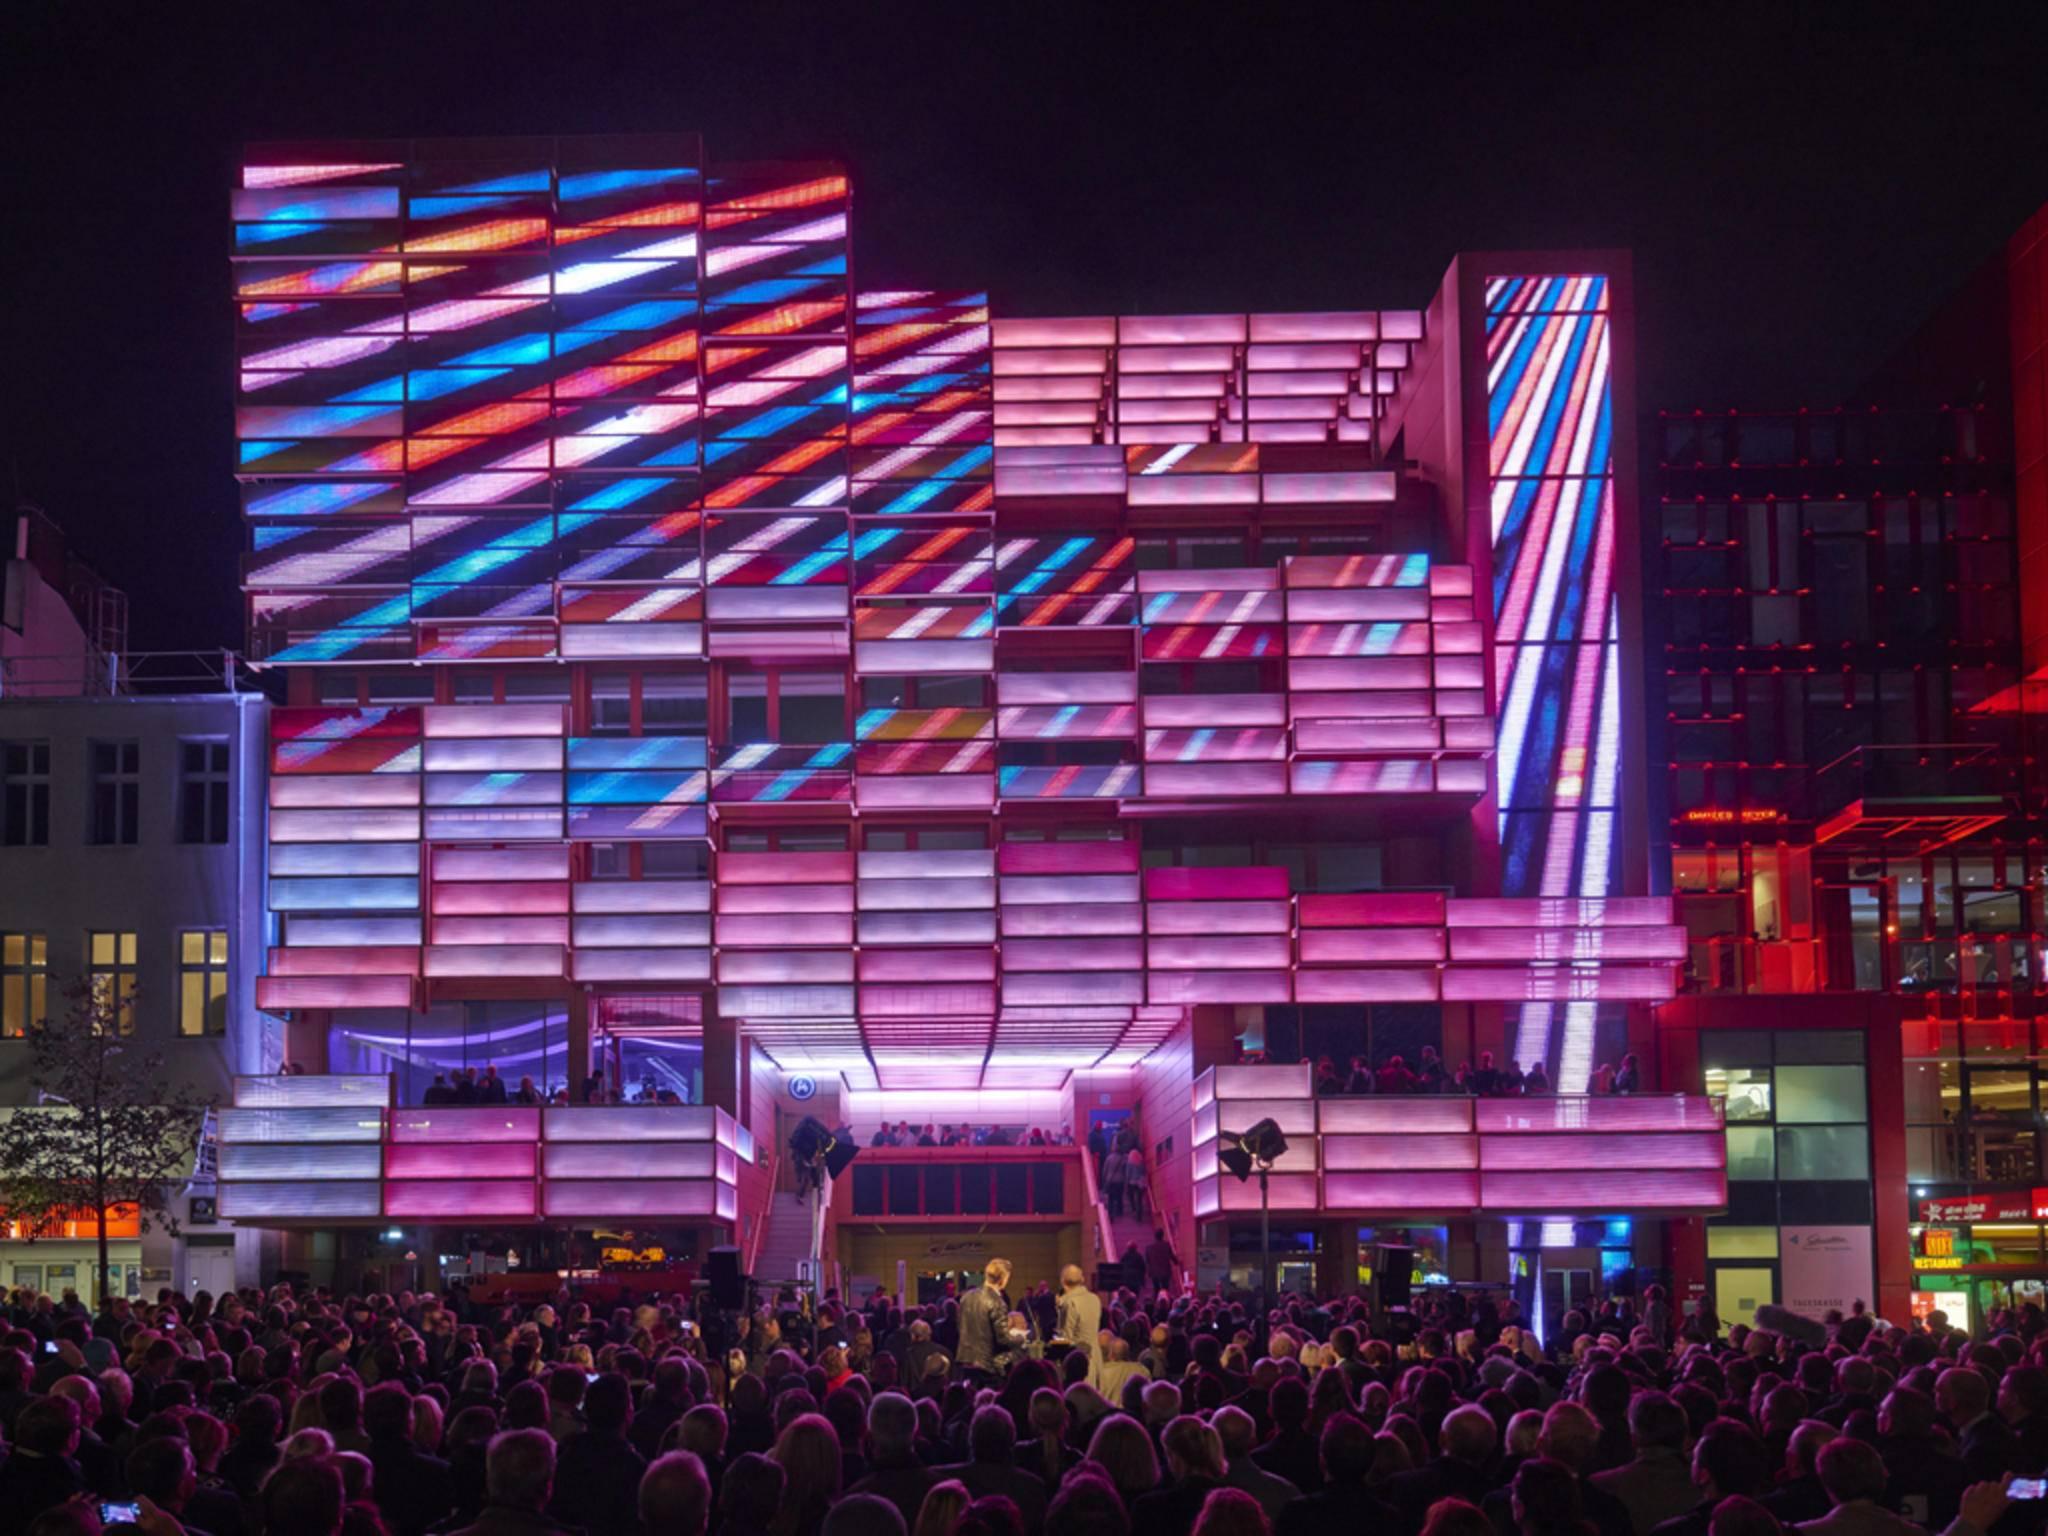 Das St. Pauli Klubhaus hat eine bunte Medienfassade und stellt gegenüber dem ...